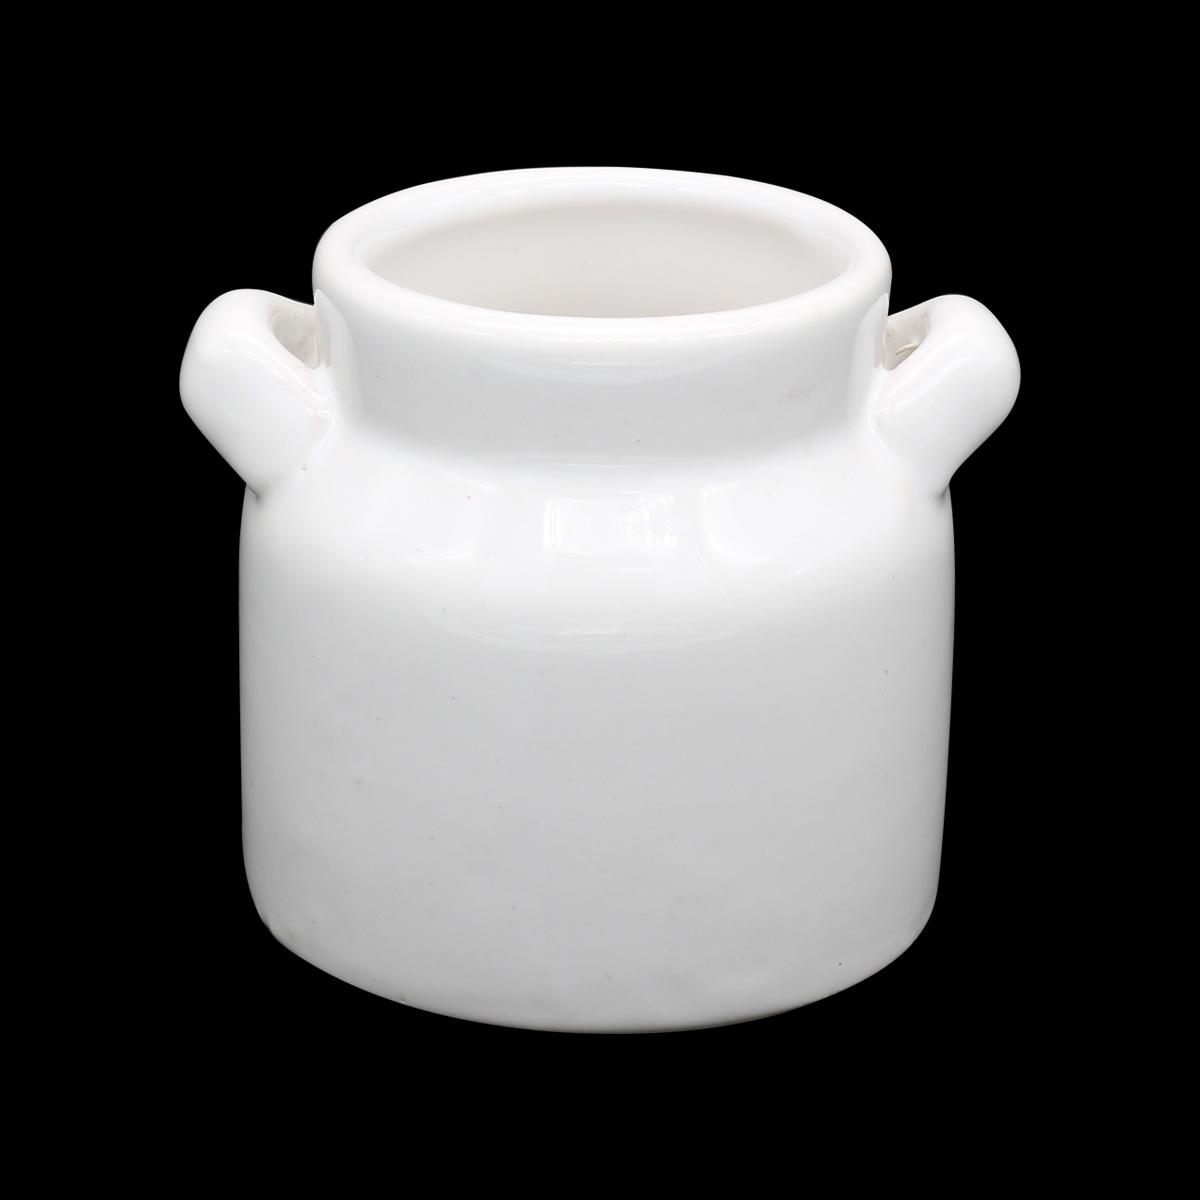 AR069 Бидон мини керамический 5*6,5см, цв. белый